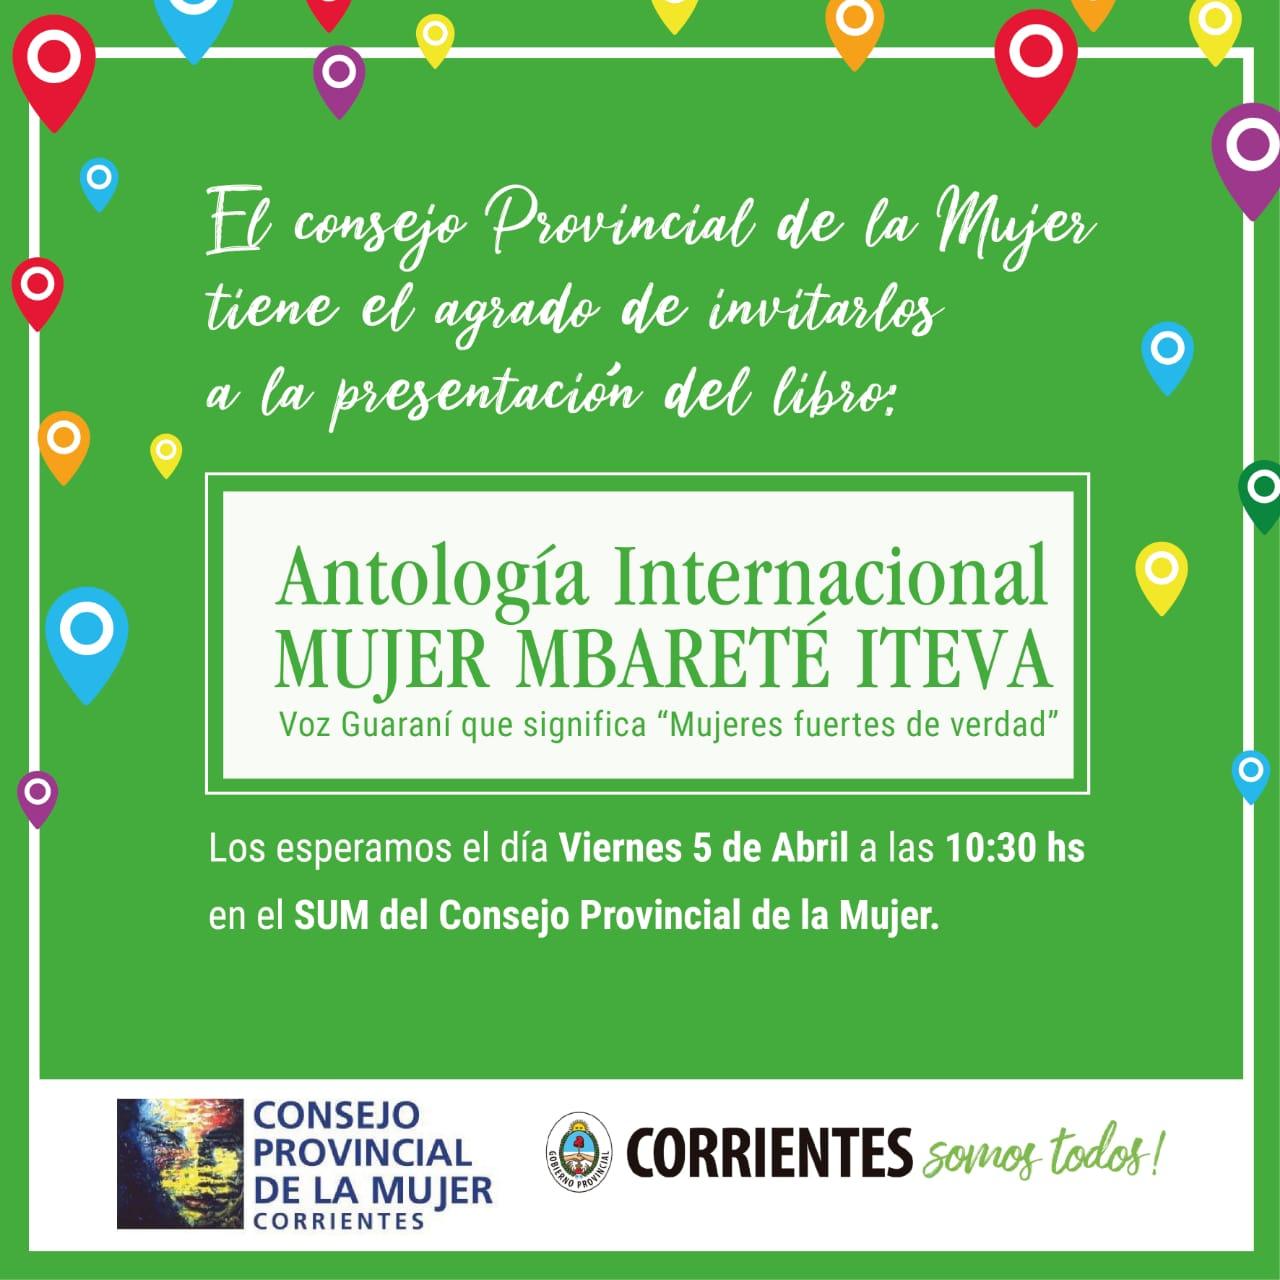 Presentación del Libro Antología Internacional Mujer Mbareté Iteva